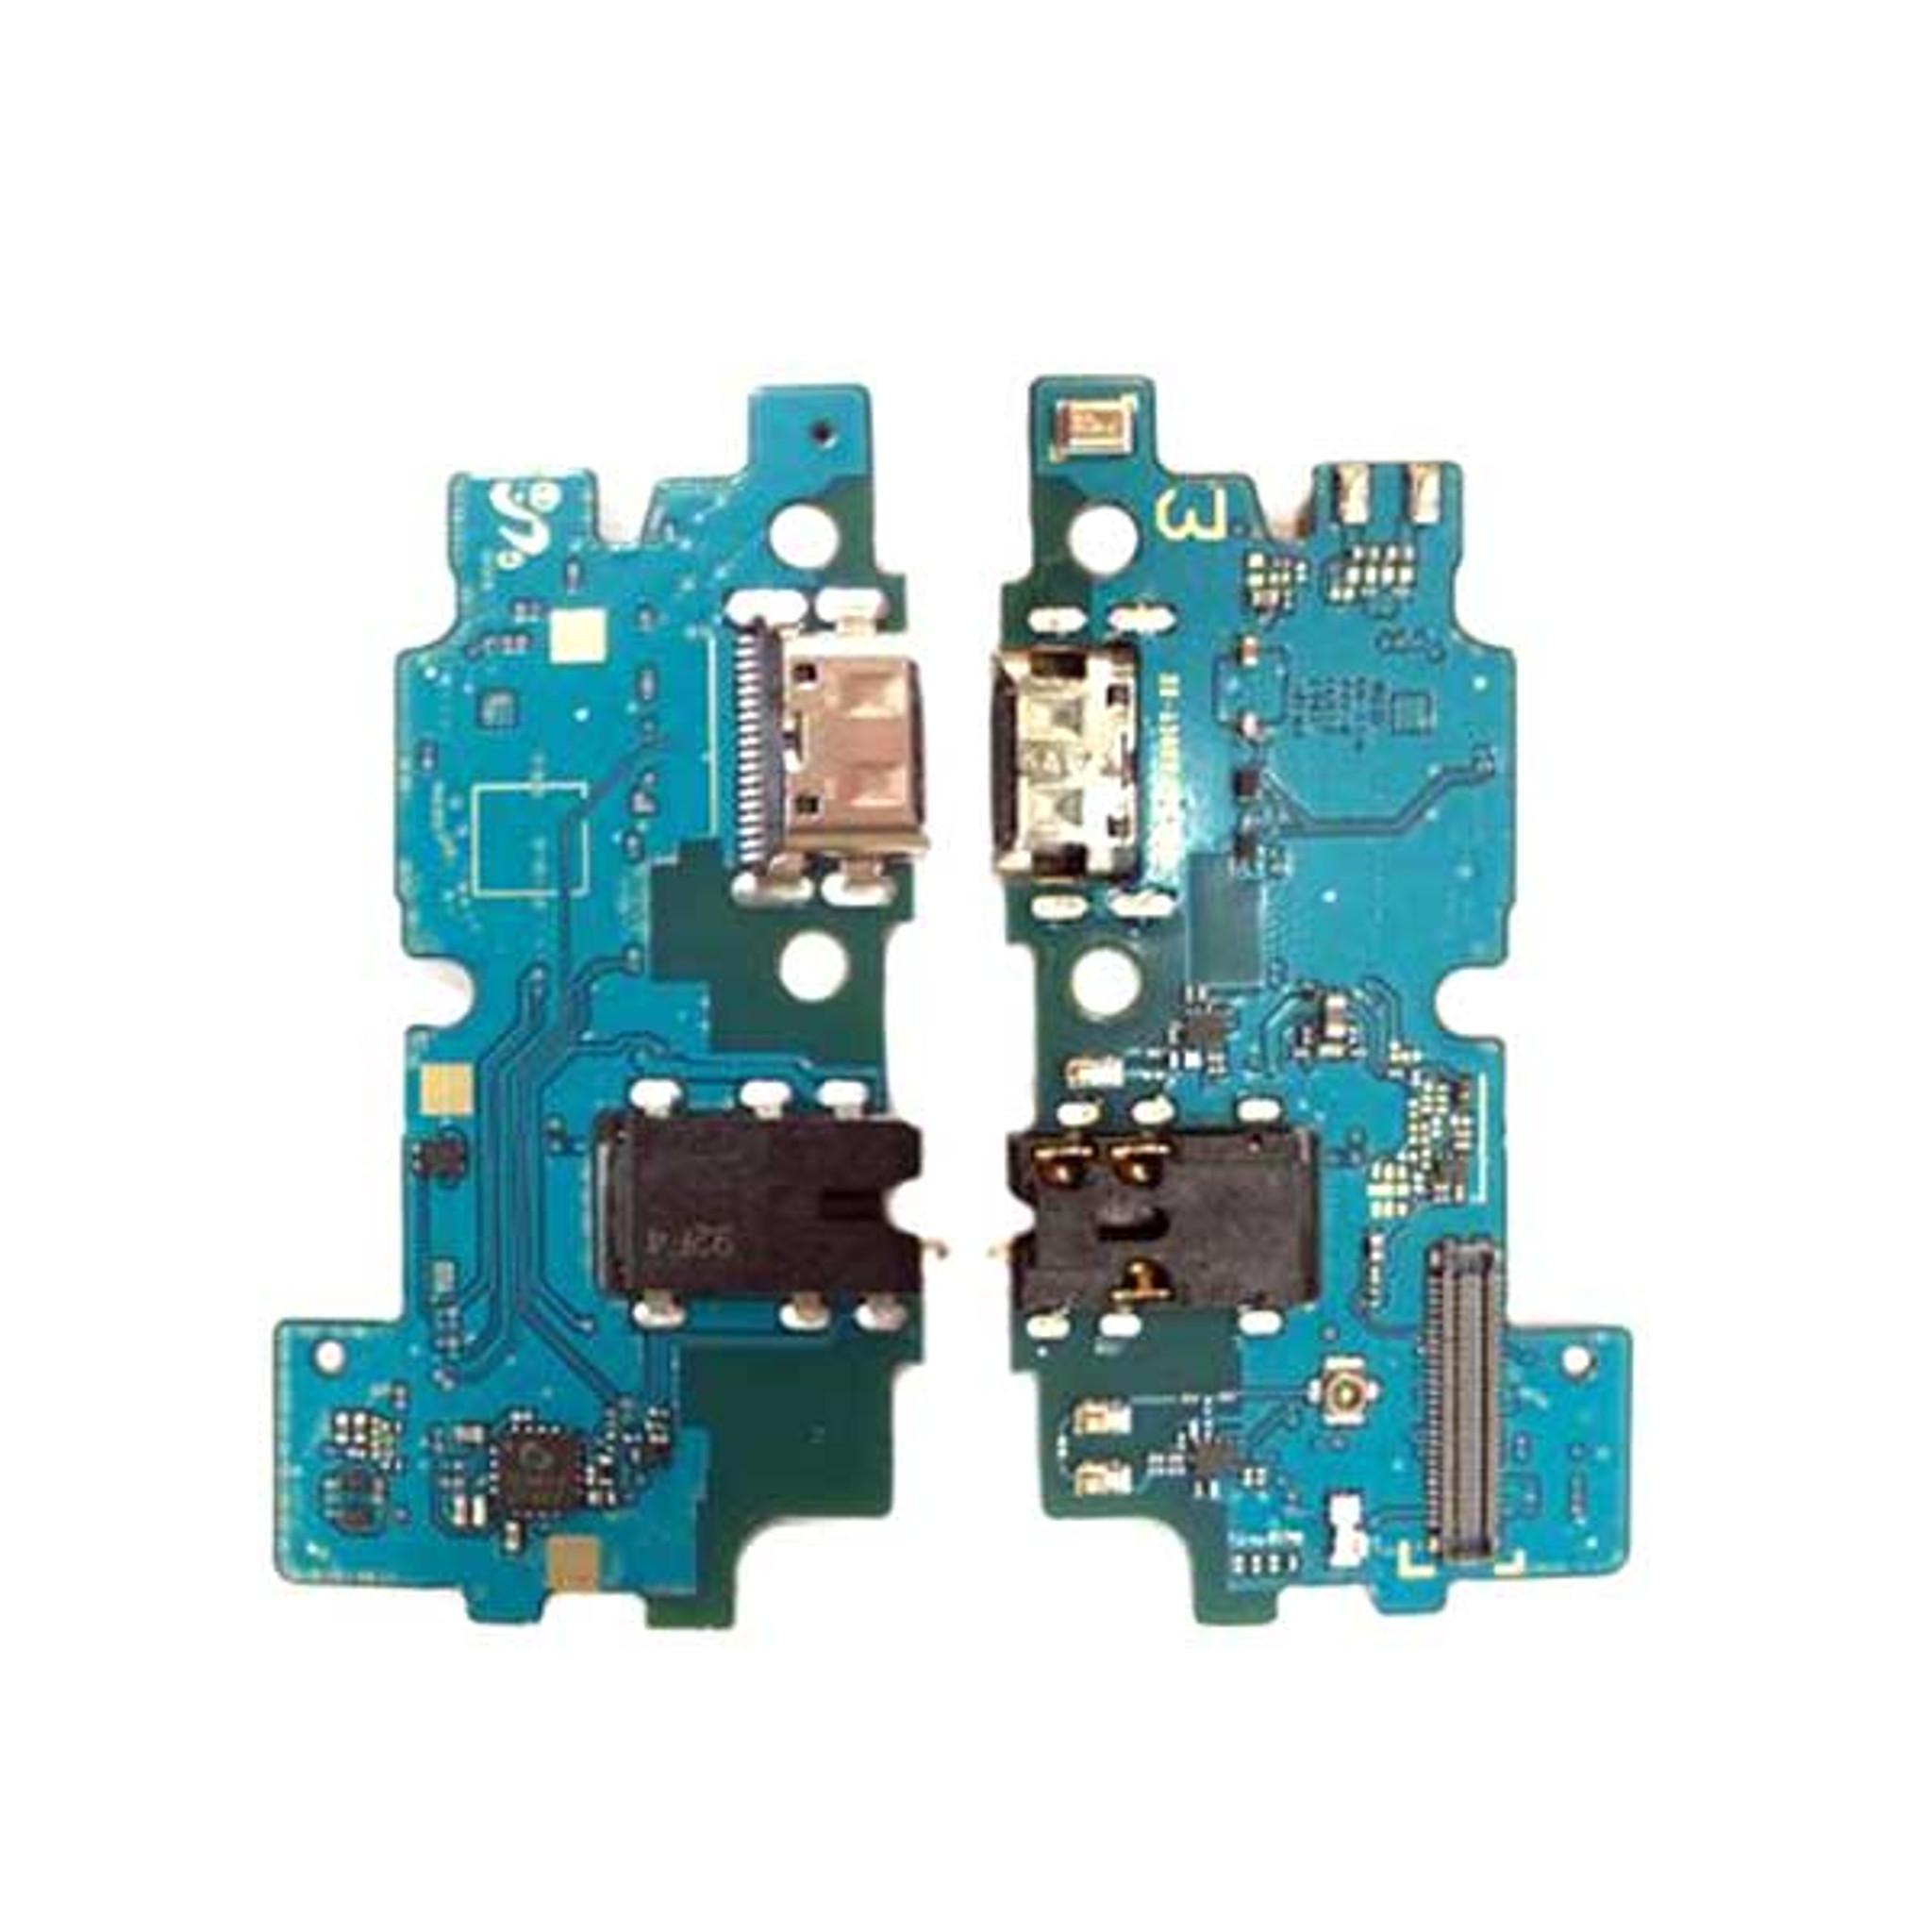 Samsung Galaxy A30 A305f Charging Port Pcb Board